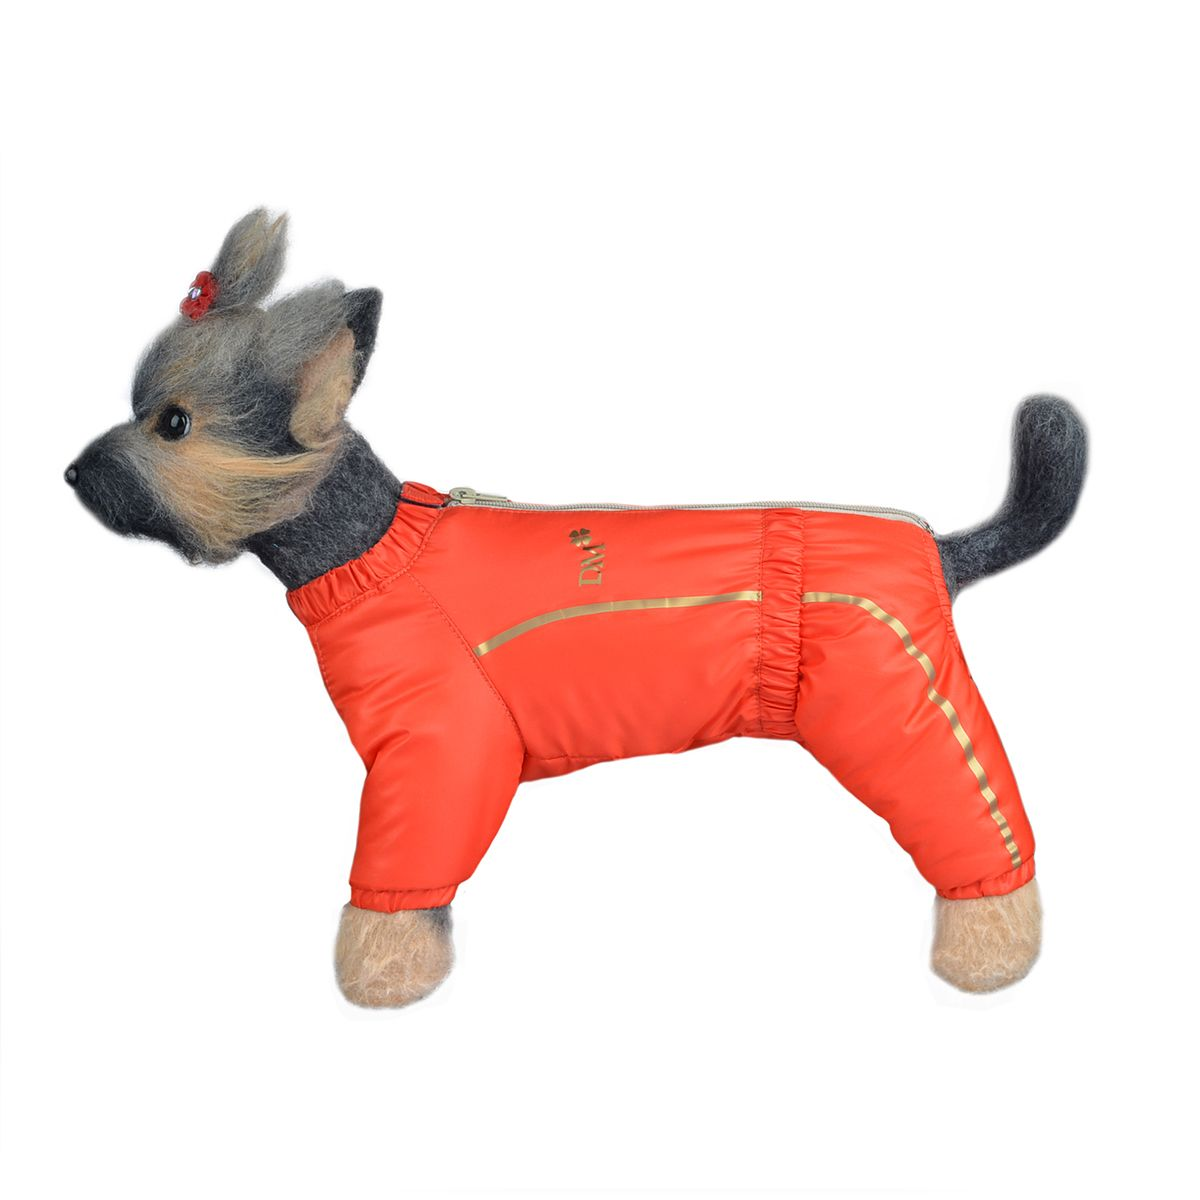 Комбинезон для собак Dogmoda Альпы, зимний, для девочки, цвет: оранжевый. Размер 4 (XL)DM-150349-4_оранжевыйтепленный синтепоном и искусственным мехом непромокаемый комбинезон практичного цвета на молнии. Закрытая зона живота. Абсолютное тепло и защищенность зимой. В новом сезонеDOGMODAрада предложить Вам стильную, современную, универсальную модель для создания базового гардероба любимого питомца – комбинезоны линии АЛЬПЫ. Дорогая простота комбинезонов этой линии подчеркнута высоким качеством материалов и безупречной элегантностью кроя, что отразит прекрасный вкус владельца. Линия АЛЬПЫ представлена моделями для любой погоды. Комбинезон на тонкой подкладке защитит Вашего питомца в сырую и холодную погоду сентября. Модель с подкладкой из мягкого флиса не даст любимцу продрогнуть на прогулке в ноябрьское ненастье. А непромокаемый комбинезон на меховой подкладке с утеплителем на основе синтепона позволит испытать не сравнимое удовольствие от снежных игр и забав. Чтобы каждый мог выбрать одежду питомцу по характеру и настроению,DOGMODAпредлагает многообразие цветовых решений отдельно для девочек и мальчиков.